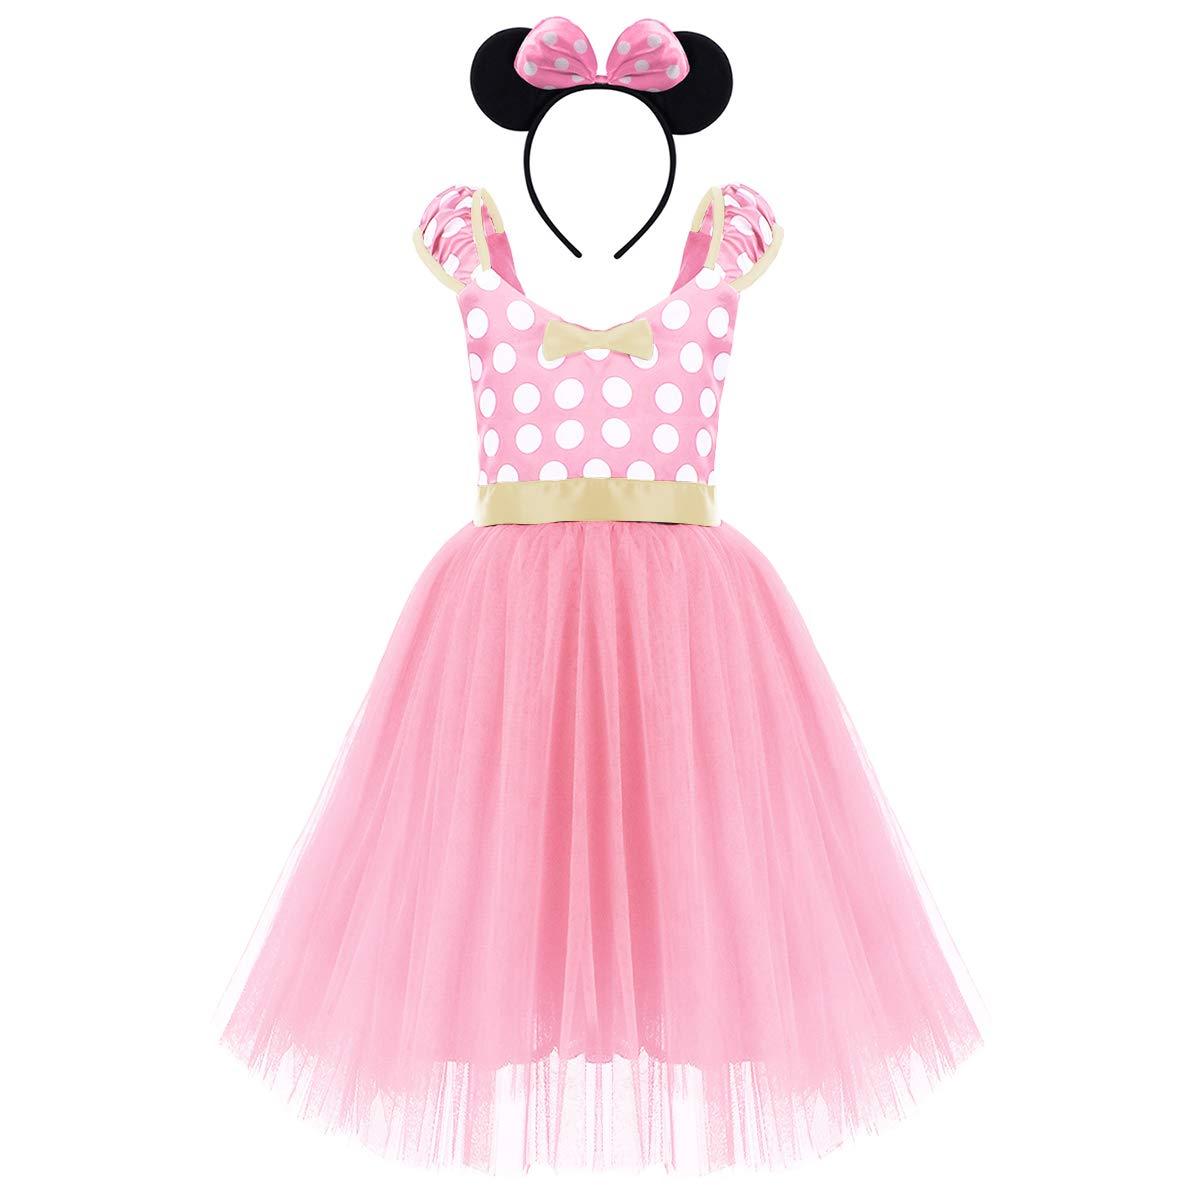 IWEMEK Princesa Disfraz de Minnie para Beb/é Ni/ña Navidad de los Lunares del Vestido del Tut/ú de Tul Cumplea/ños Fantas/ía Infantiles Vestido Carnaval Bautizo Ballet Baile con Diadema 1-7 A/ños